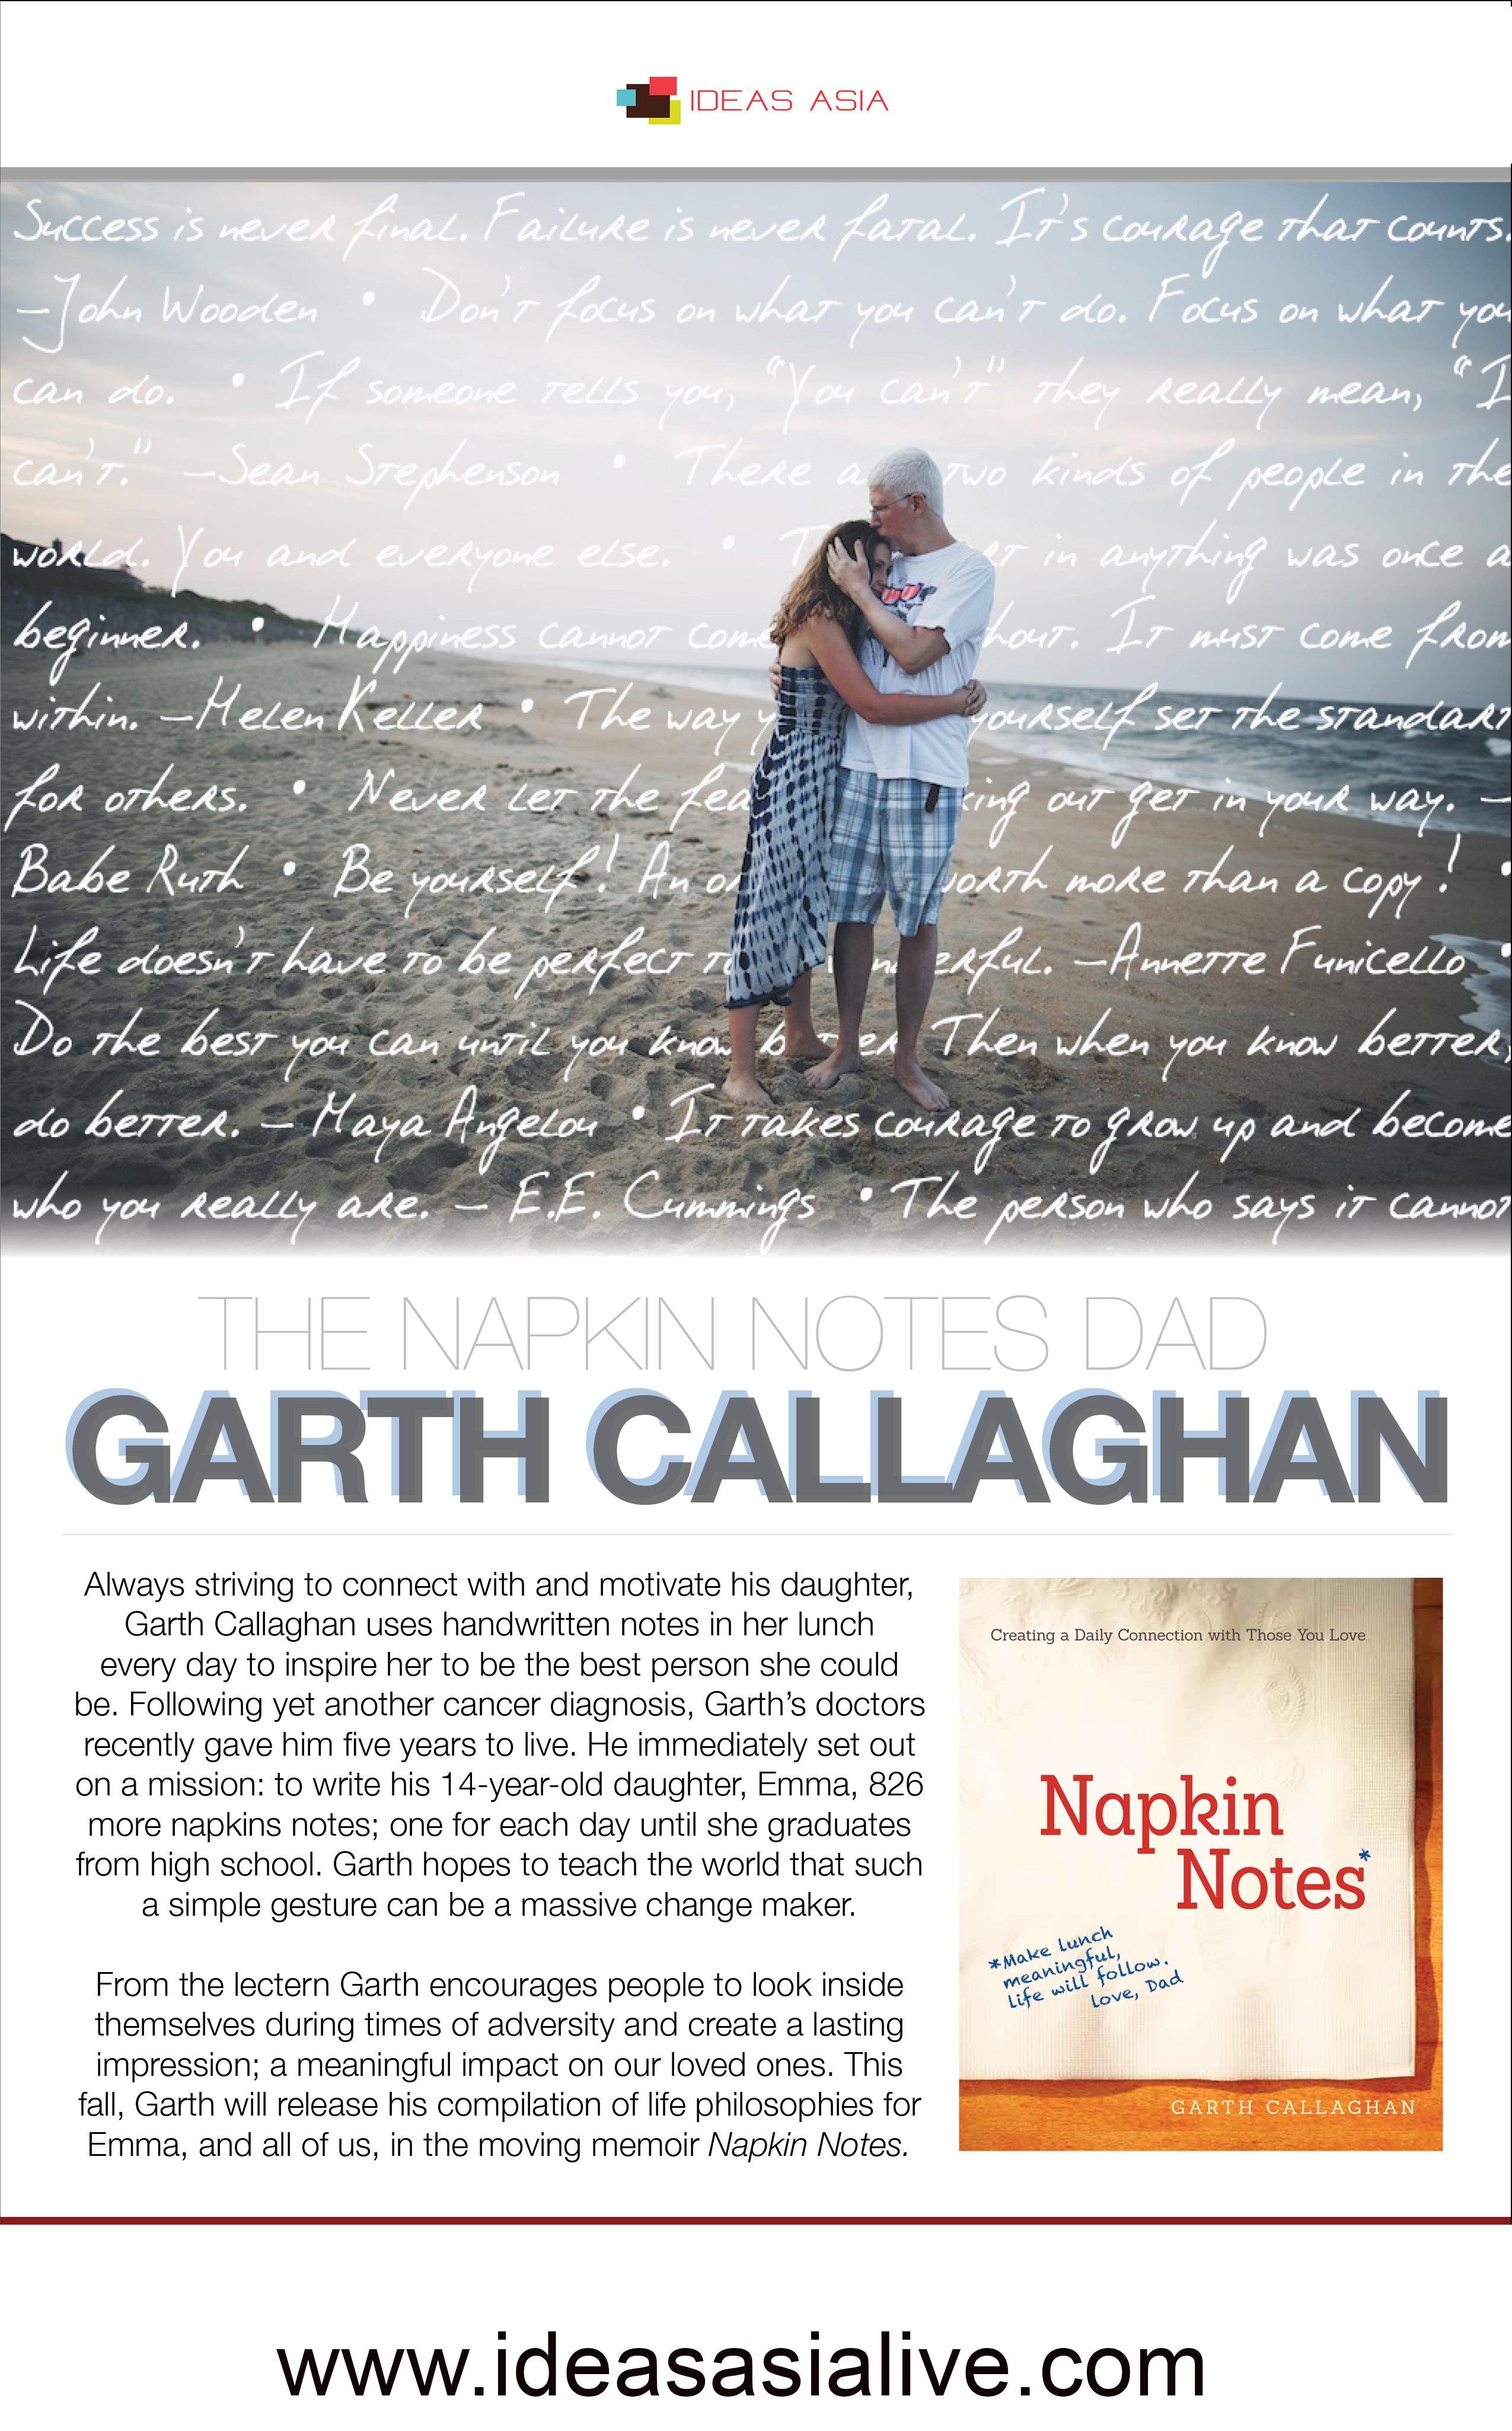 Garth Callaghan-IDEAS ASIA